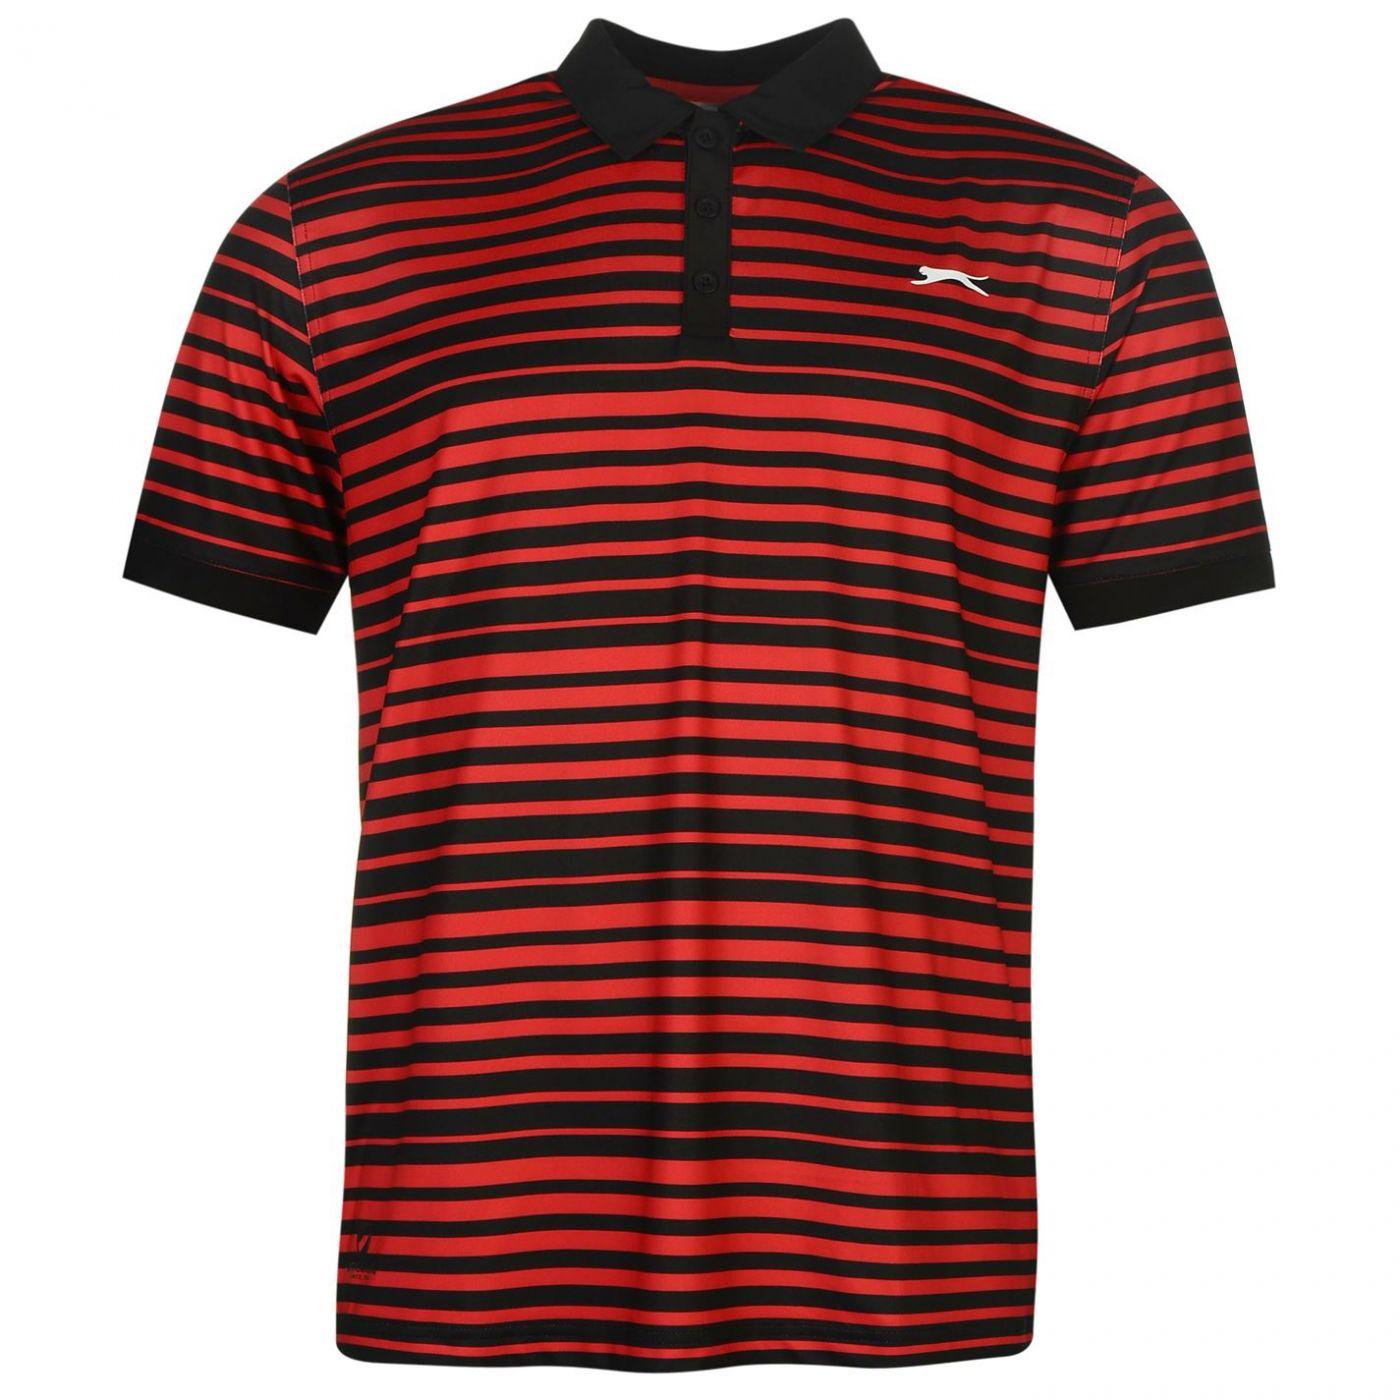 32da8d896b9b Slazenger Fine Stripe Polo Shirt Mens - ALIATIC